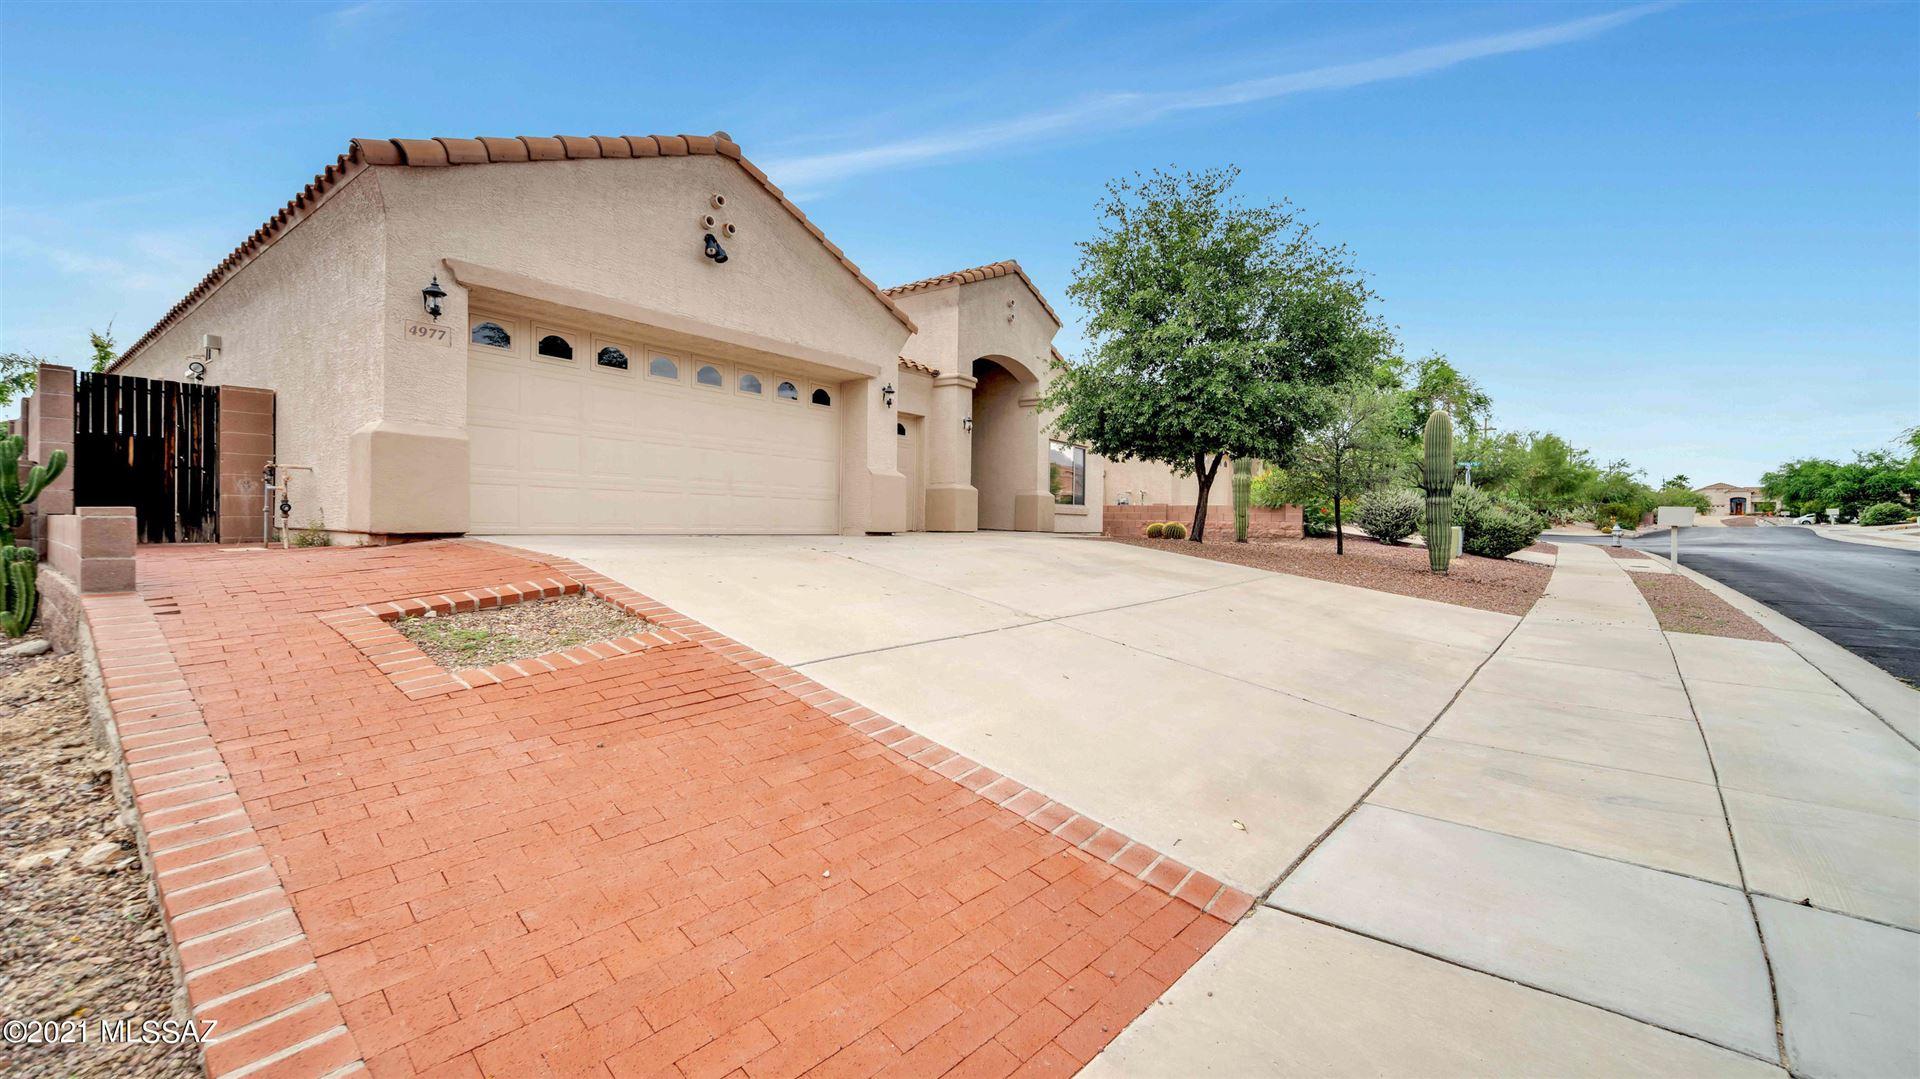 4977 N Louis River Way, Tucson, AZ 85718 - MLS#: 22118606